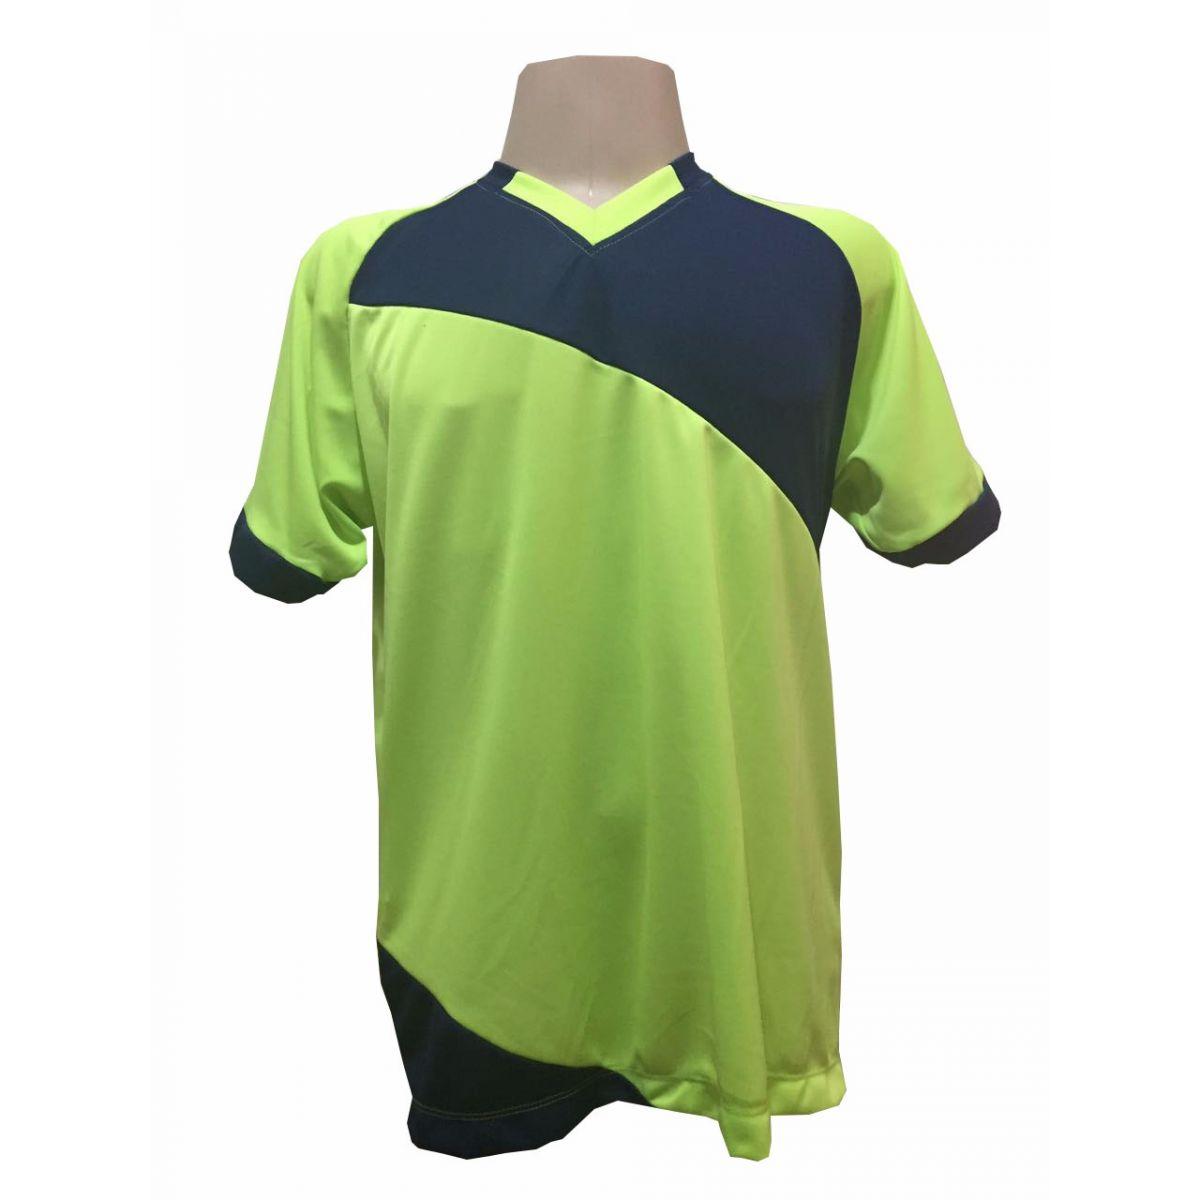 Jogo de Camisa com 20 unidades modelo Bélgica Limão/Marinho + Brindes